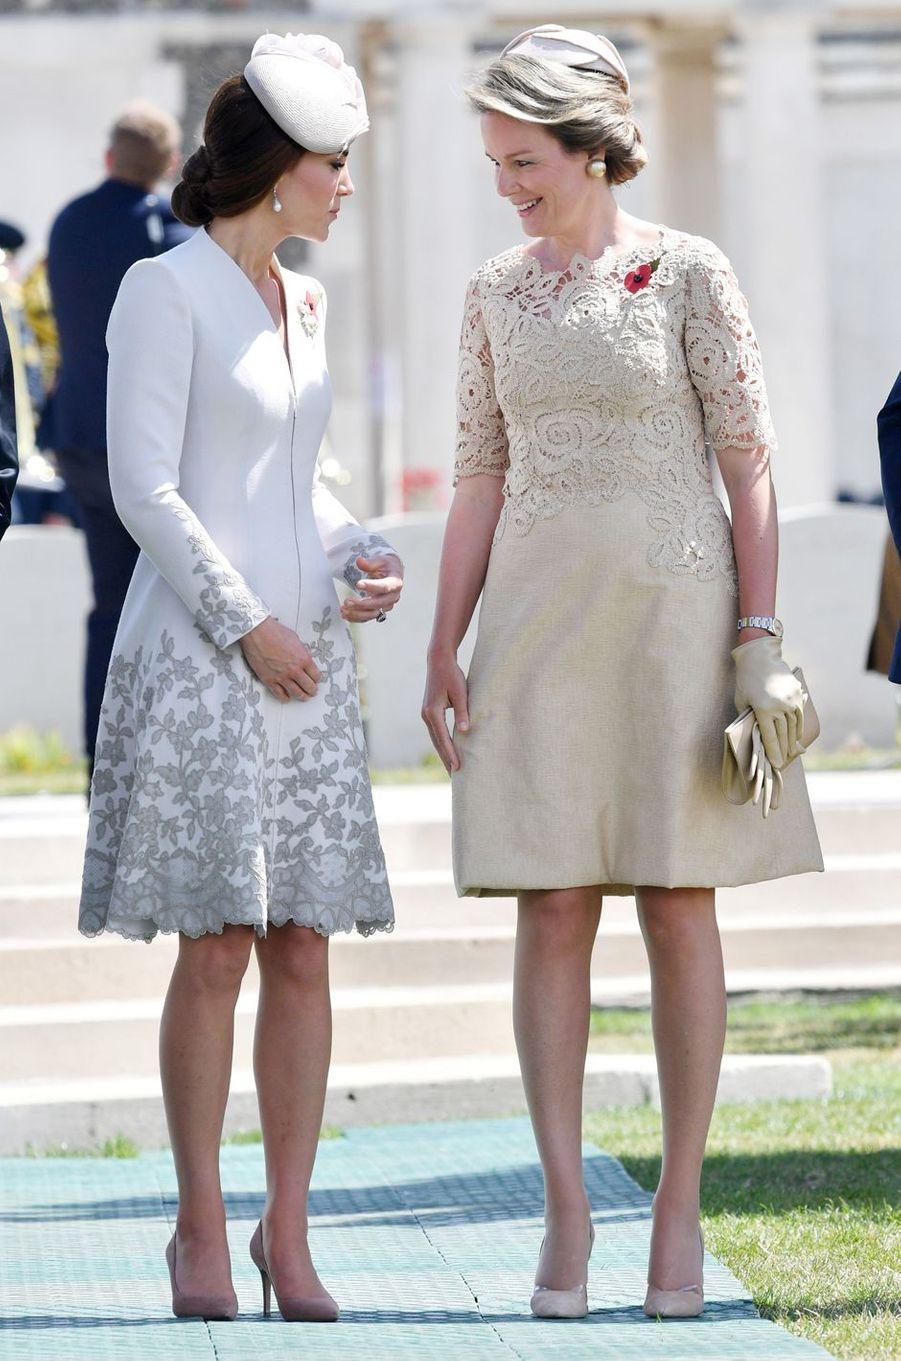 Kate Middleton au cimetière militaire de Tyne Cot près d'Ypres, avec la reine des Belges Mathilde, le 31 juillet 2017